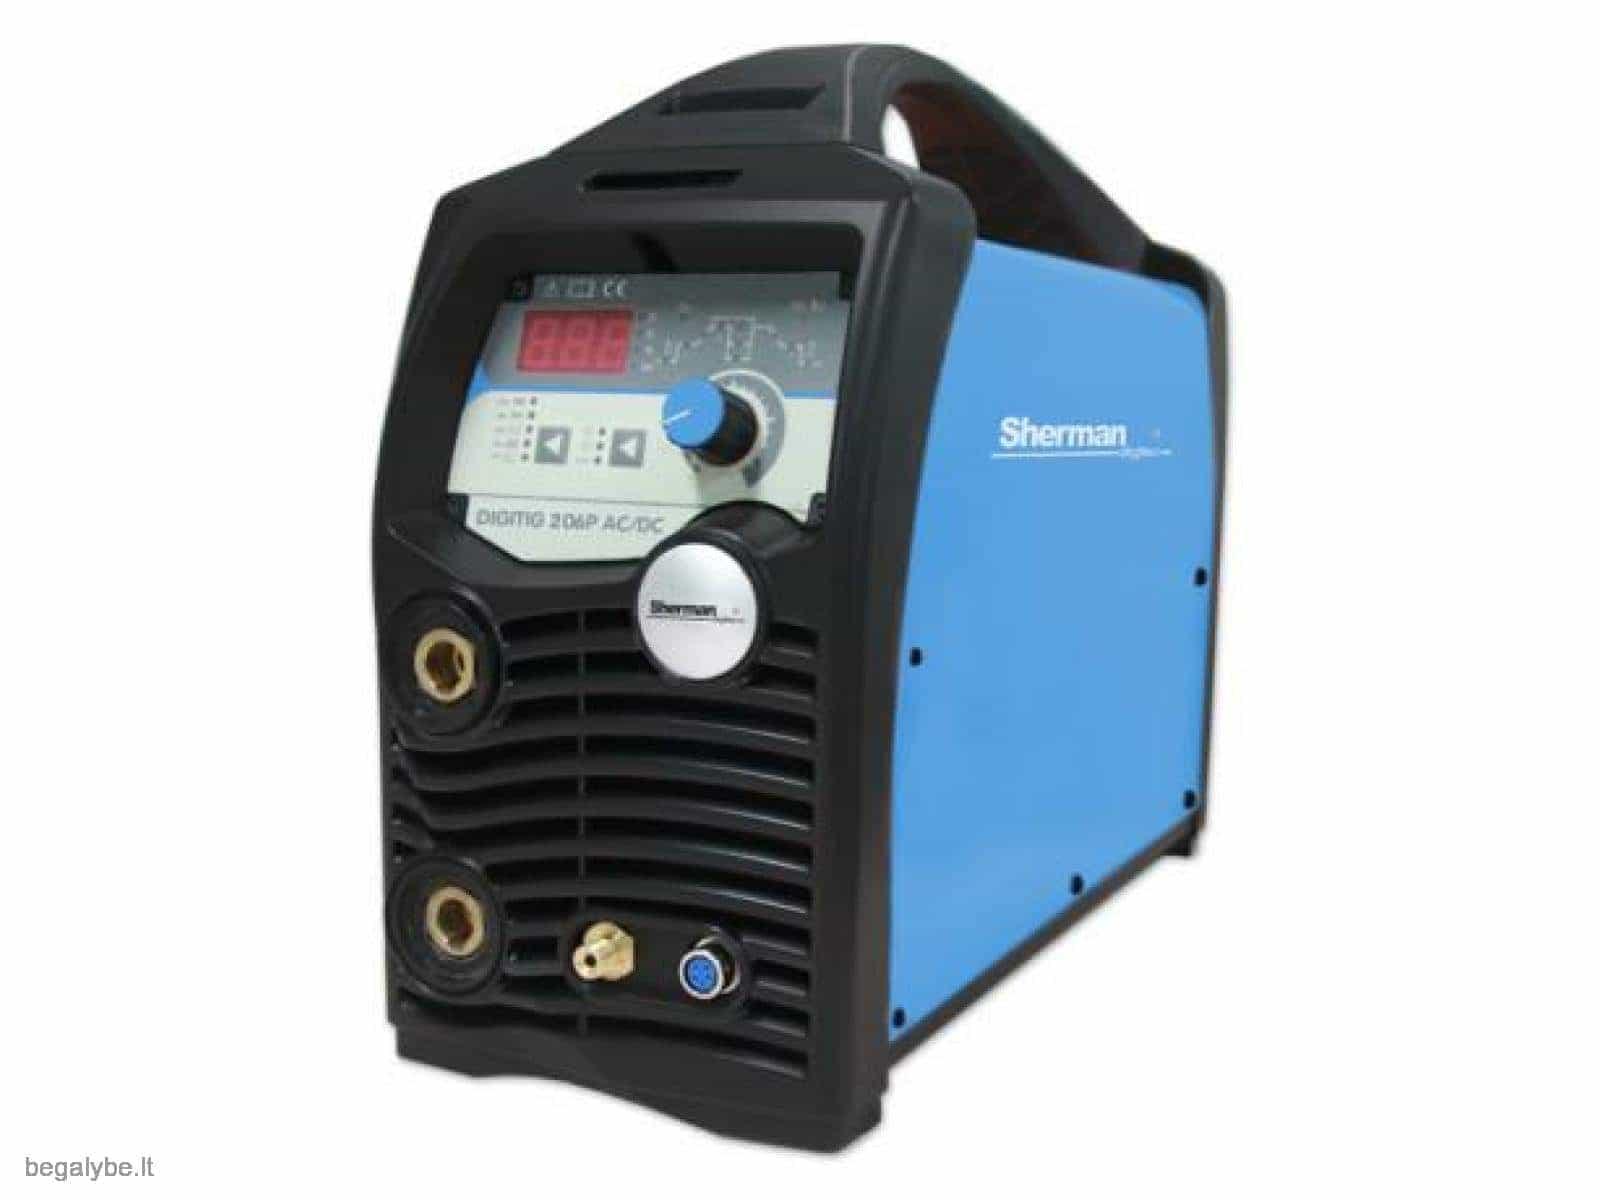 Suvirinimo aparatas sherman digitig ac dc 200GD - 4/19